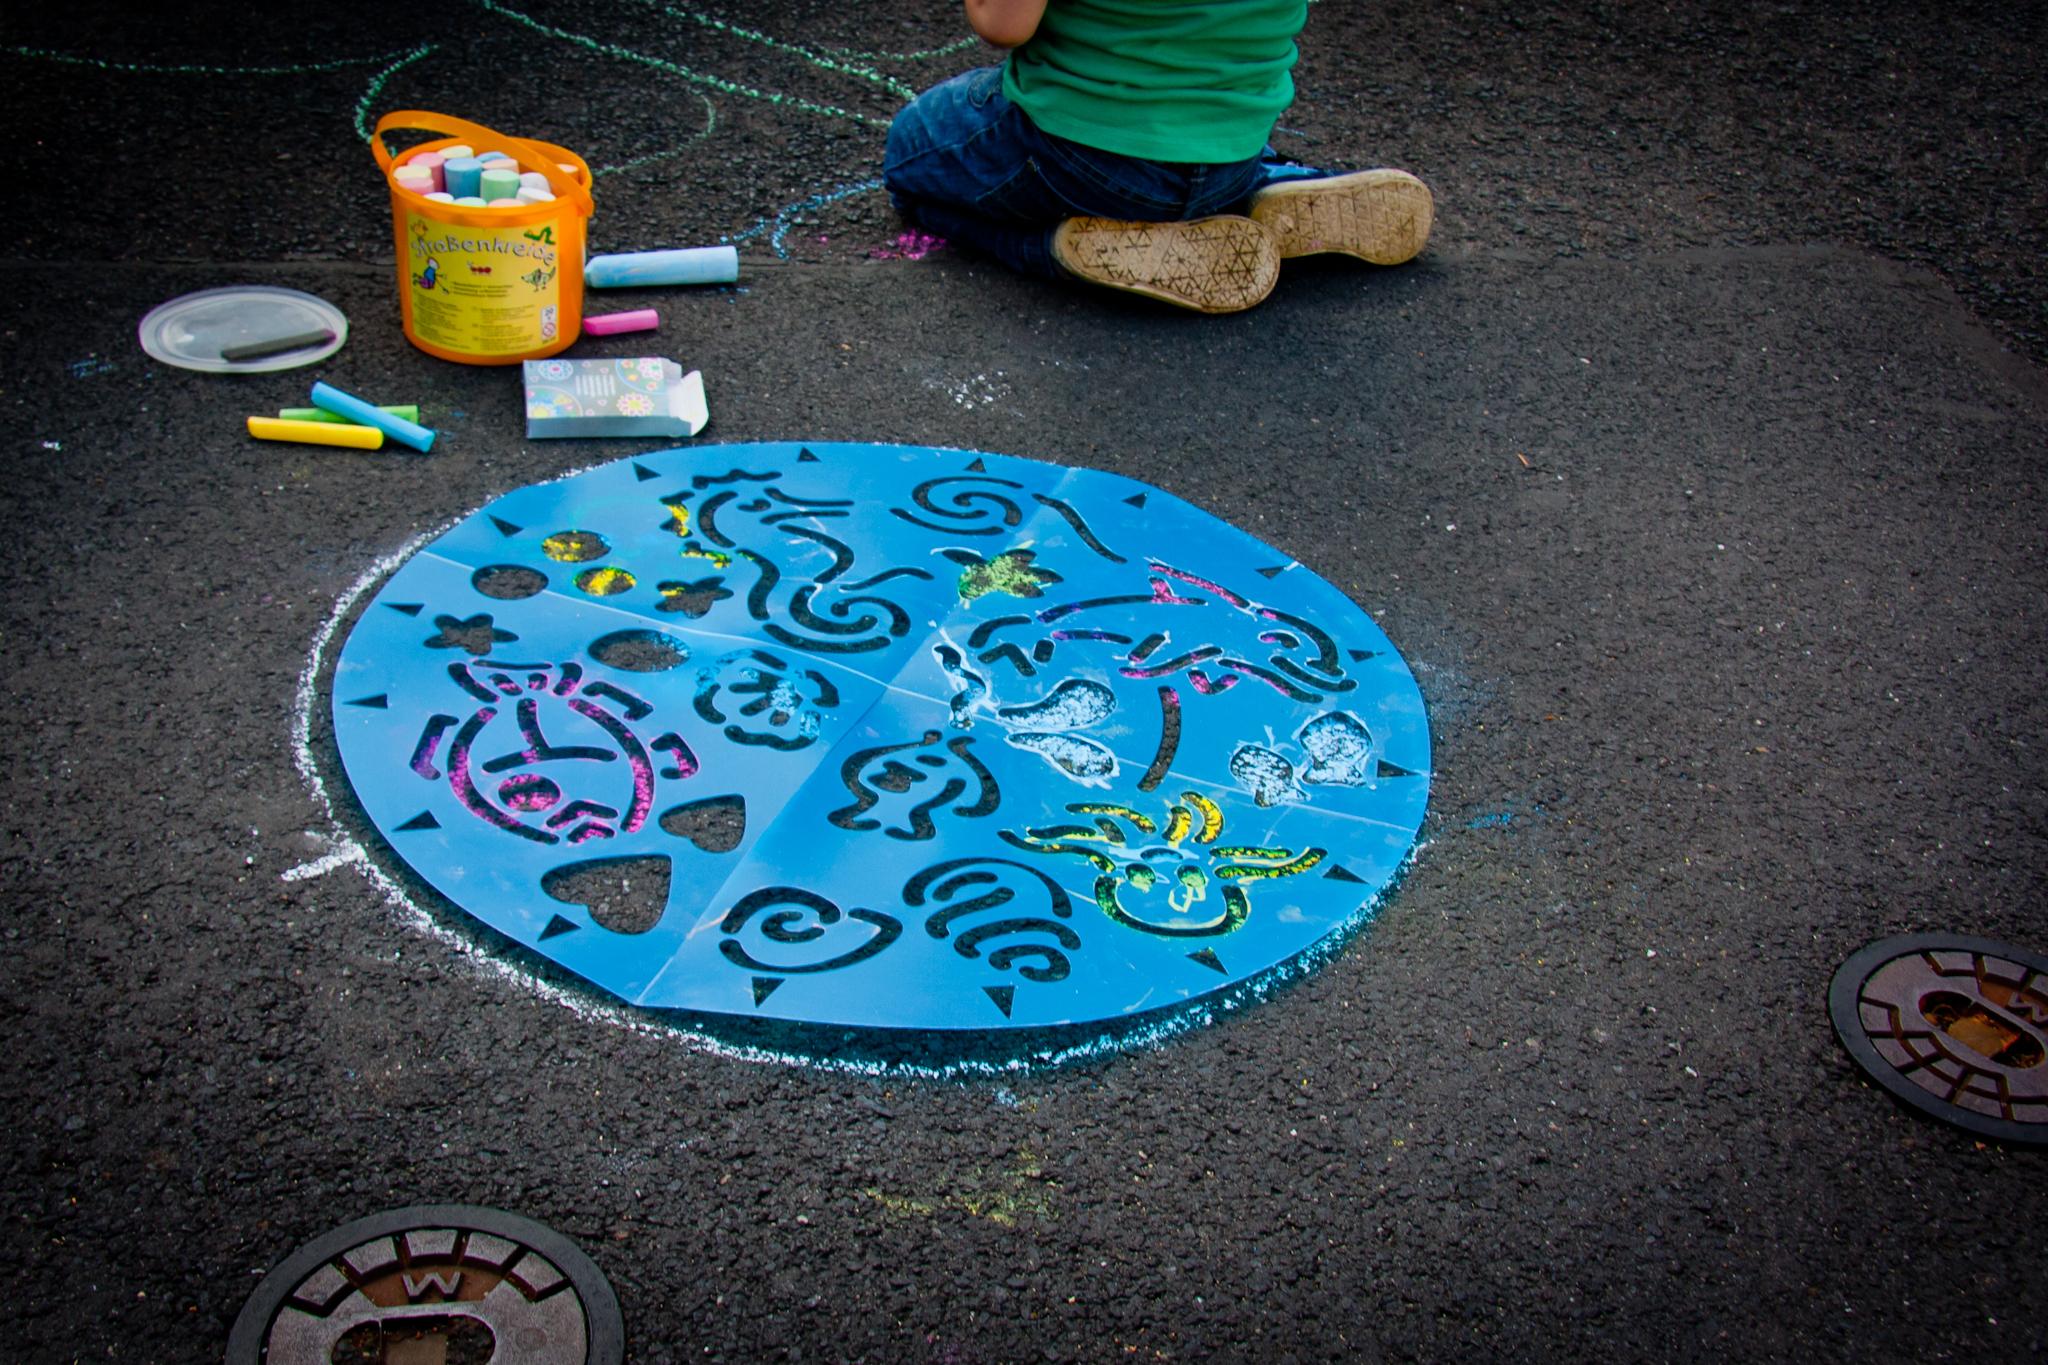 игры на асфальте краской с картинками ищем людей, готовых